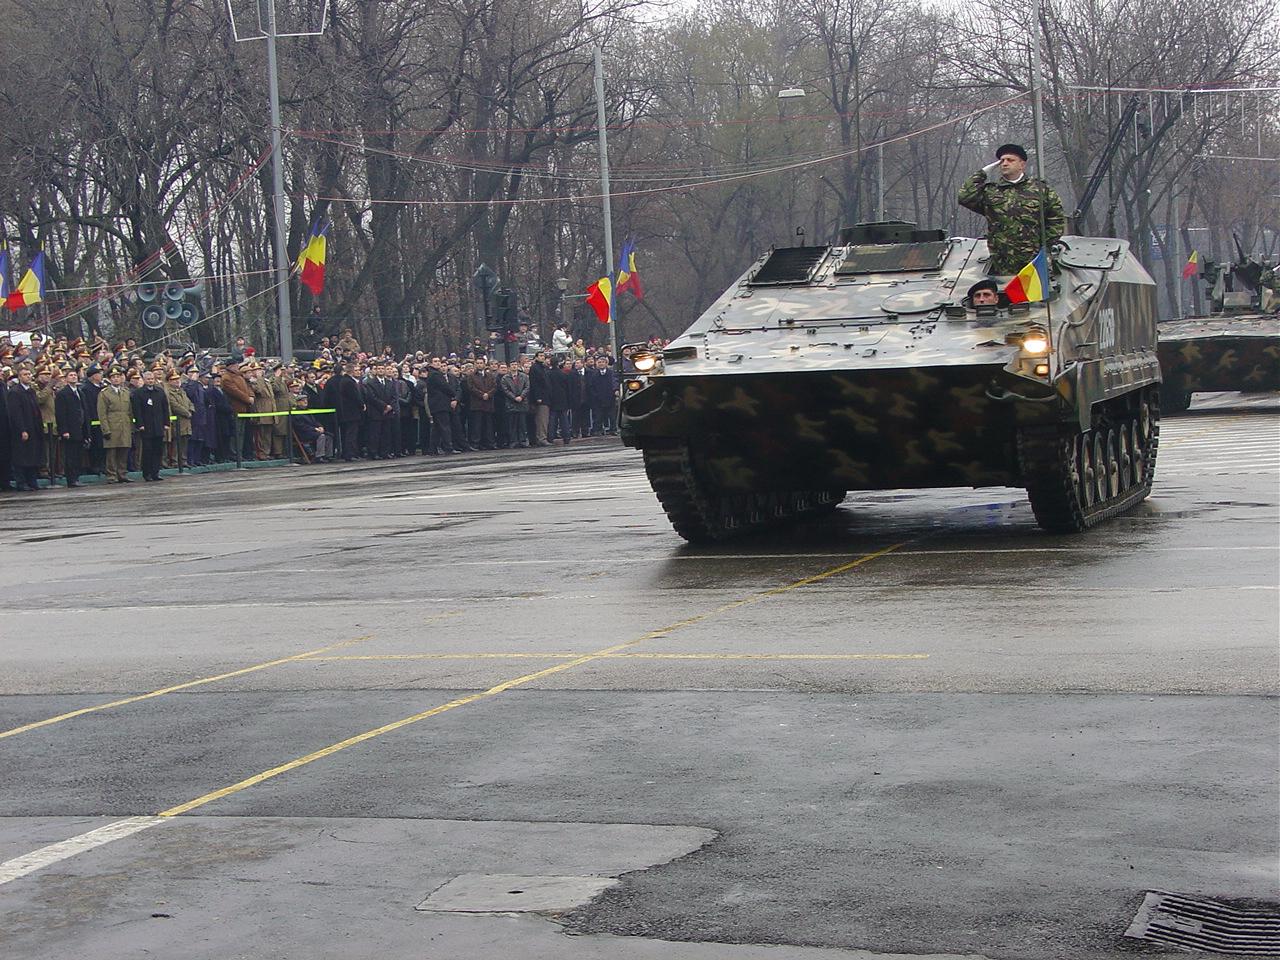 Украина и Польша подписали протокол по вопросам военно-технического сотрудничества - Цензор.НЕТ 7339